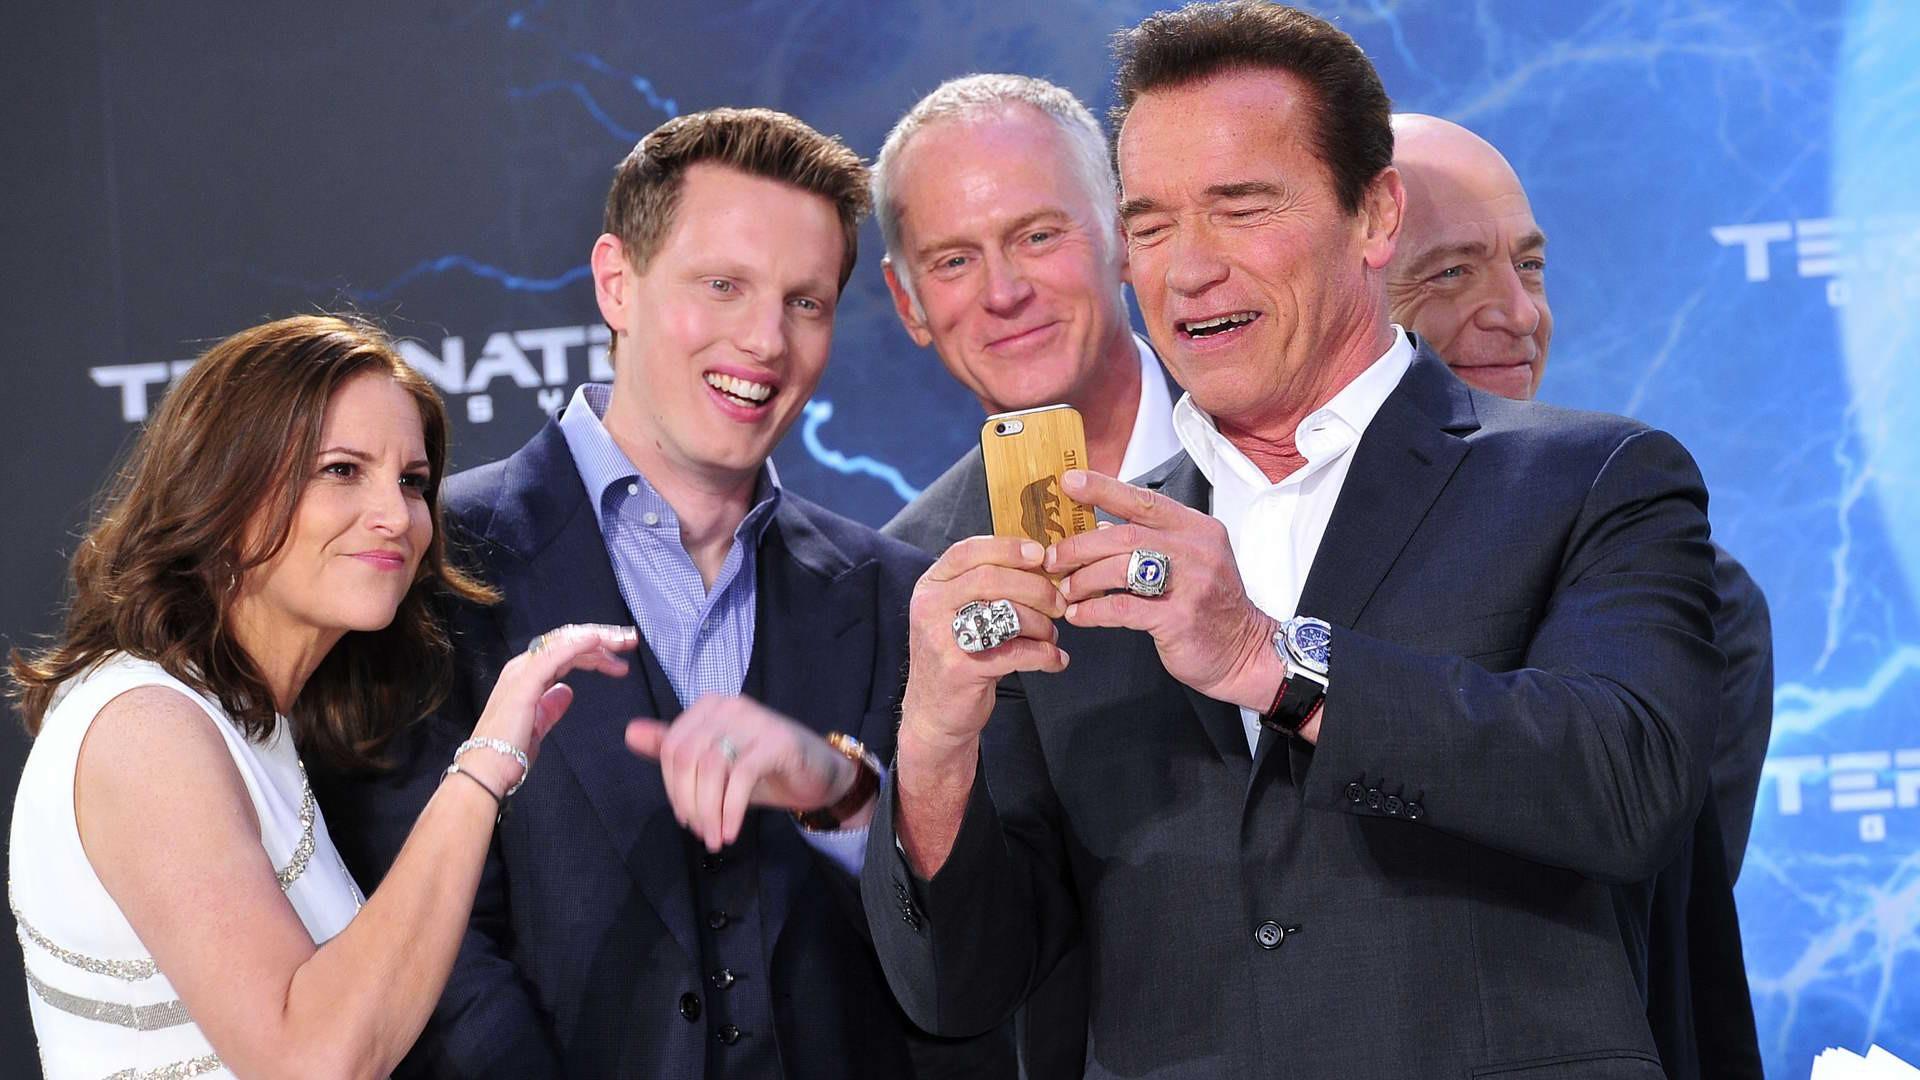 Macht ein Selfie: Arnold Schwarzenegger mit den Produzenten David Ellison und Dana Goldberg Macht ein Selfie: Arnold Schwarzenegger mit den Produzenten David Ellison und Dana Goldberg  -  Premiere TERMINATOR - GENISYS im Cinestar im Sonycenter  in Berlin  am 21.06.2015 -  Foto: SuccoMedia / Ralf Succo